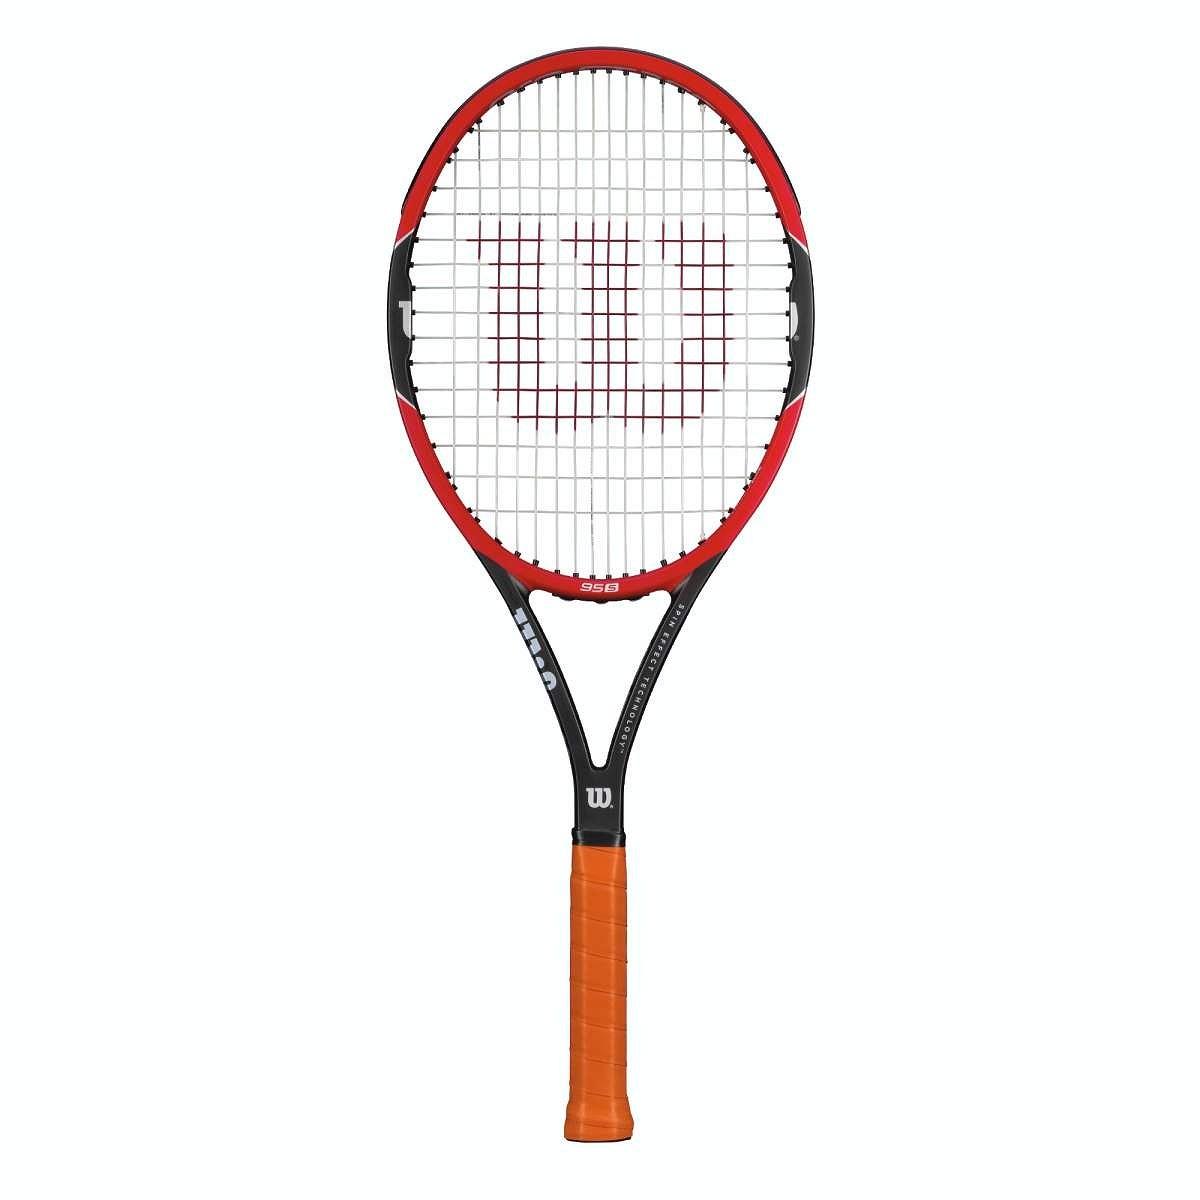 Rakieta tenisowa Wilson Pro Staff 95S - Wyprzedaż!